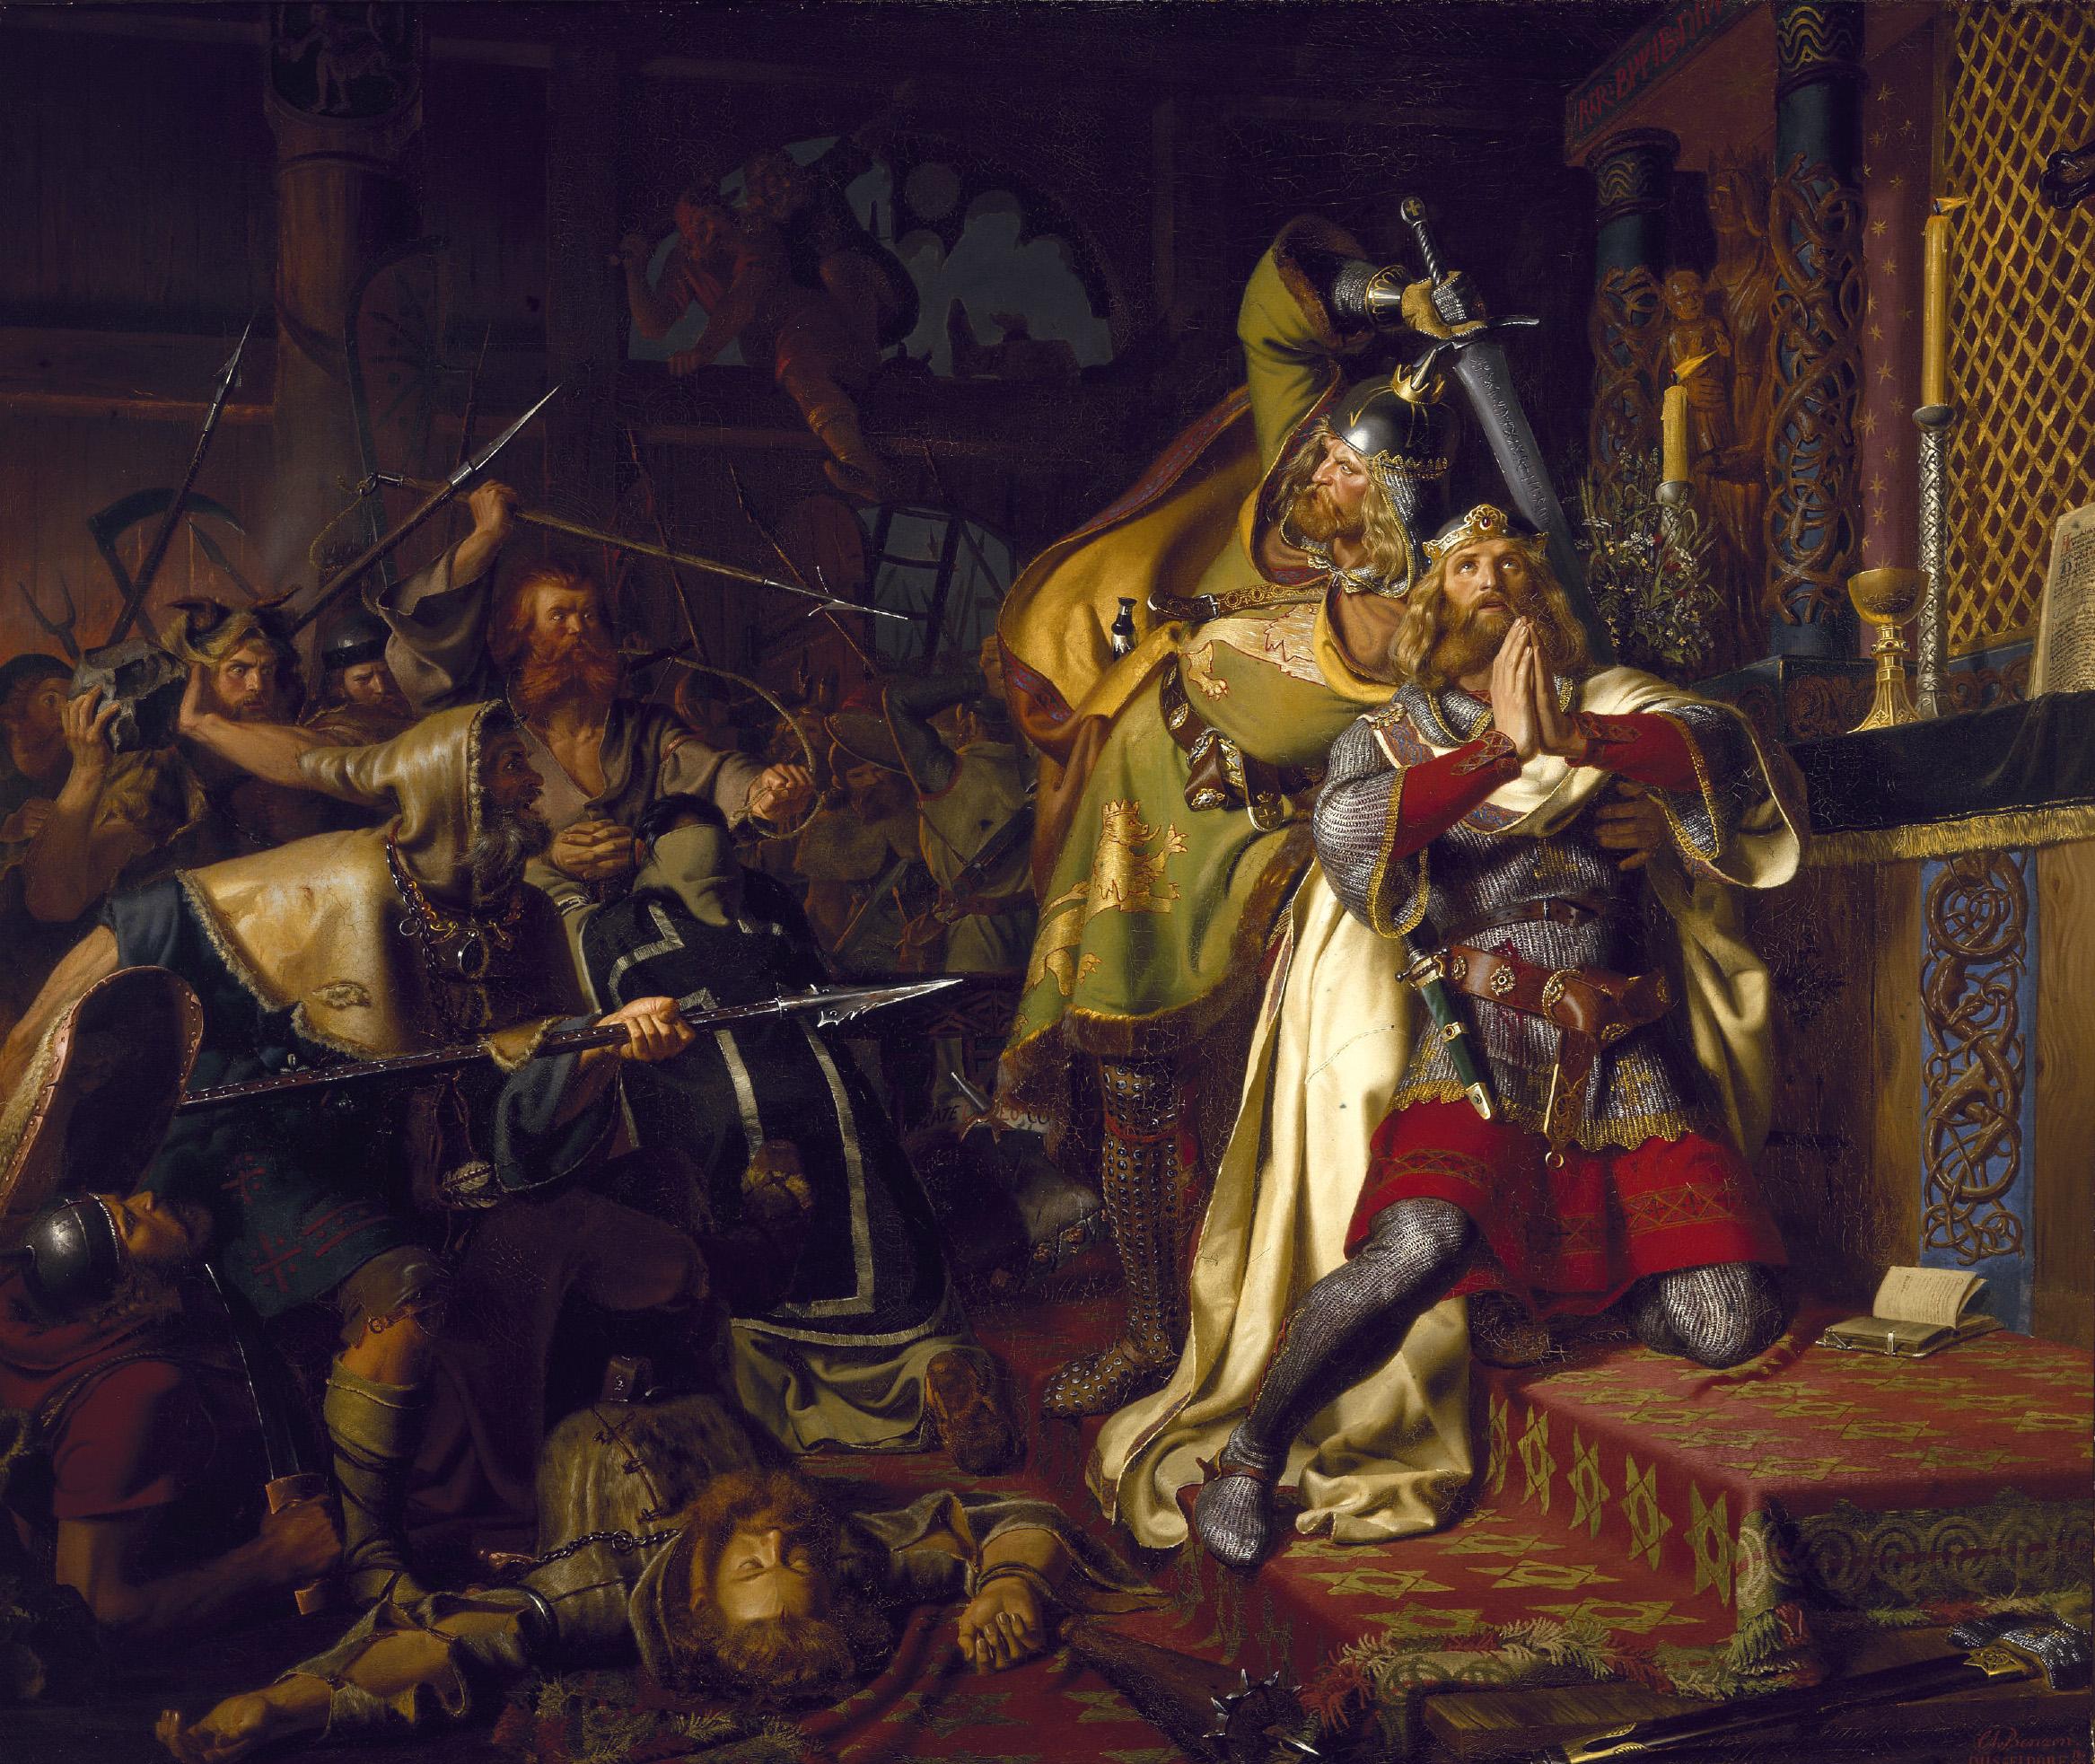 Canute IV of Denmark